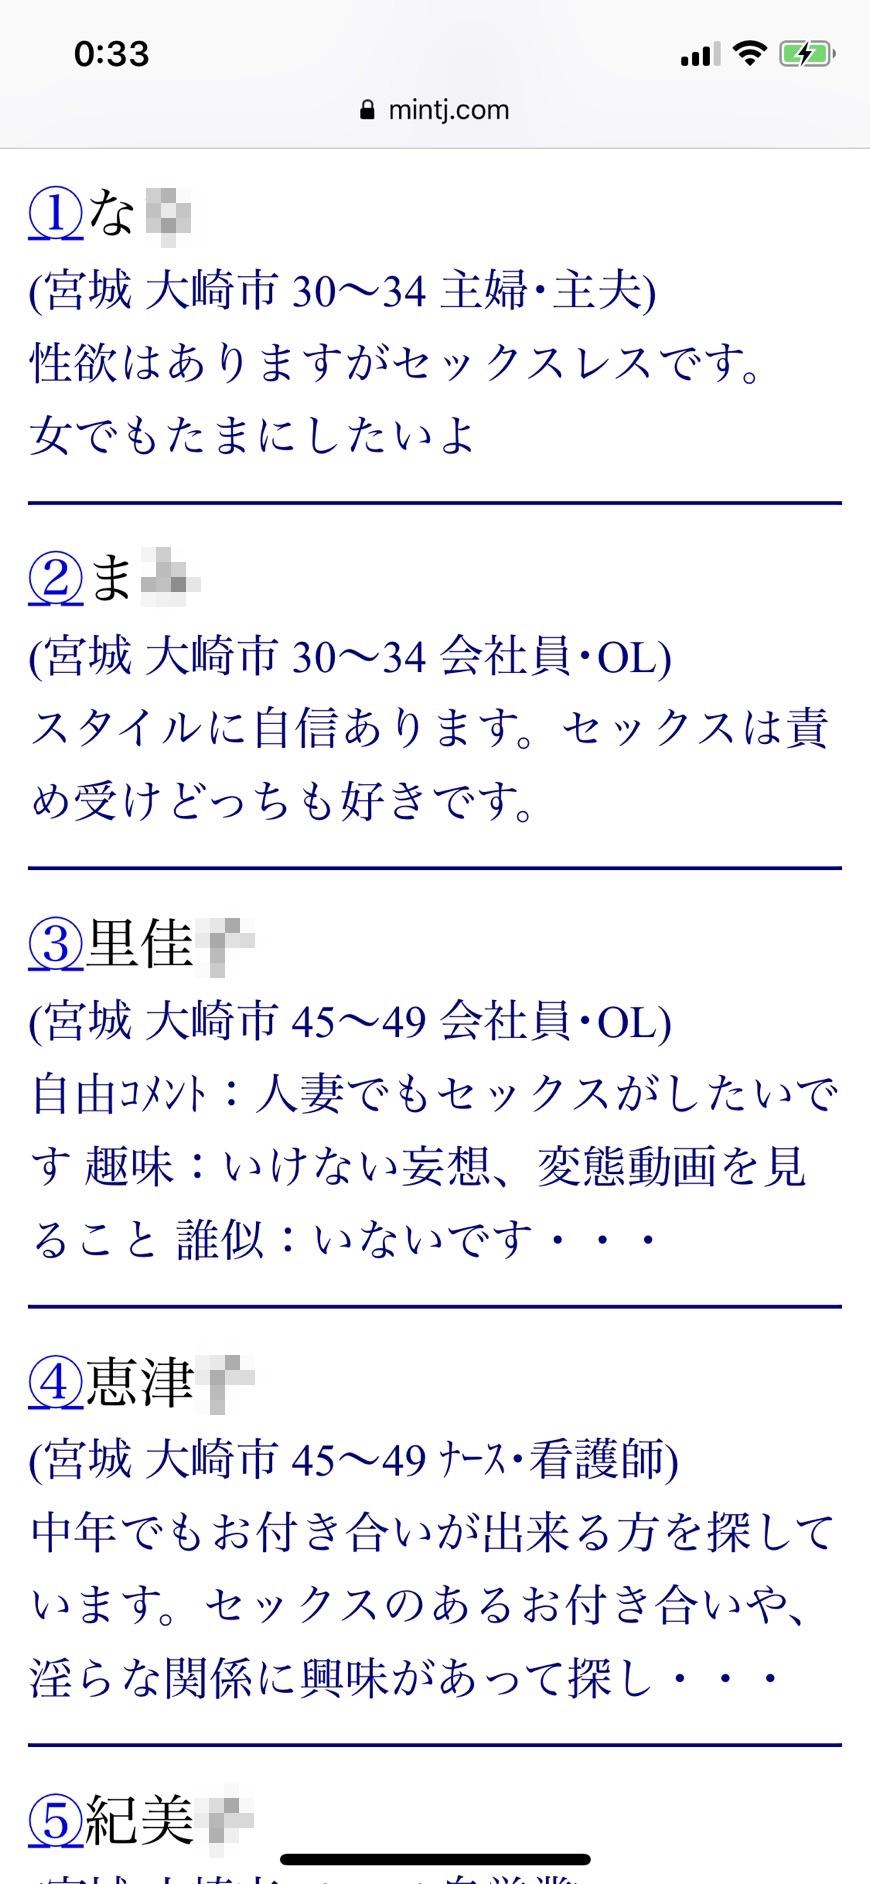 大崎・セフレ(女性)